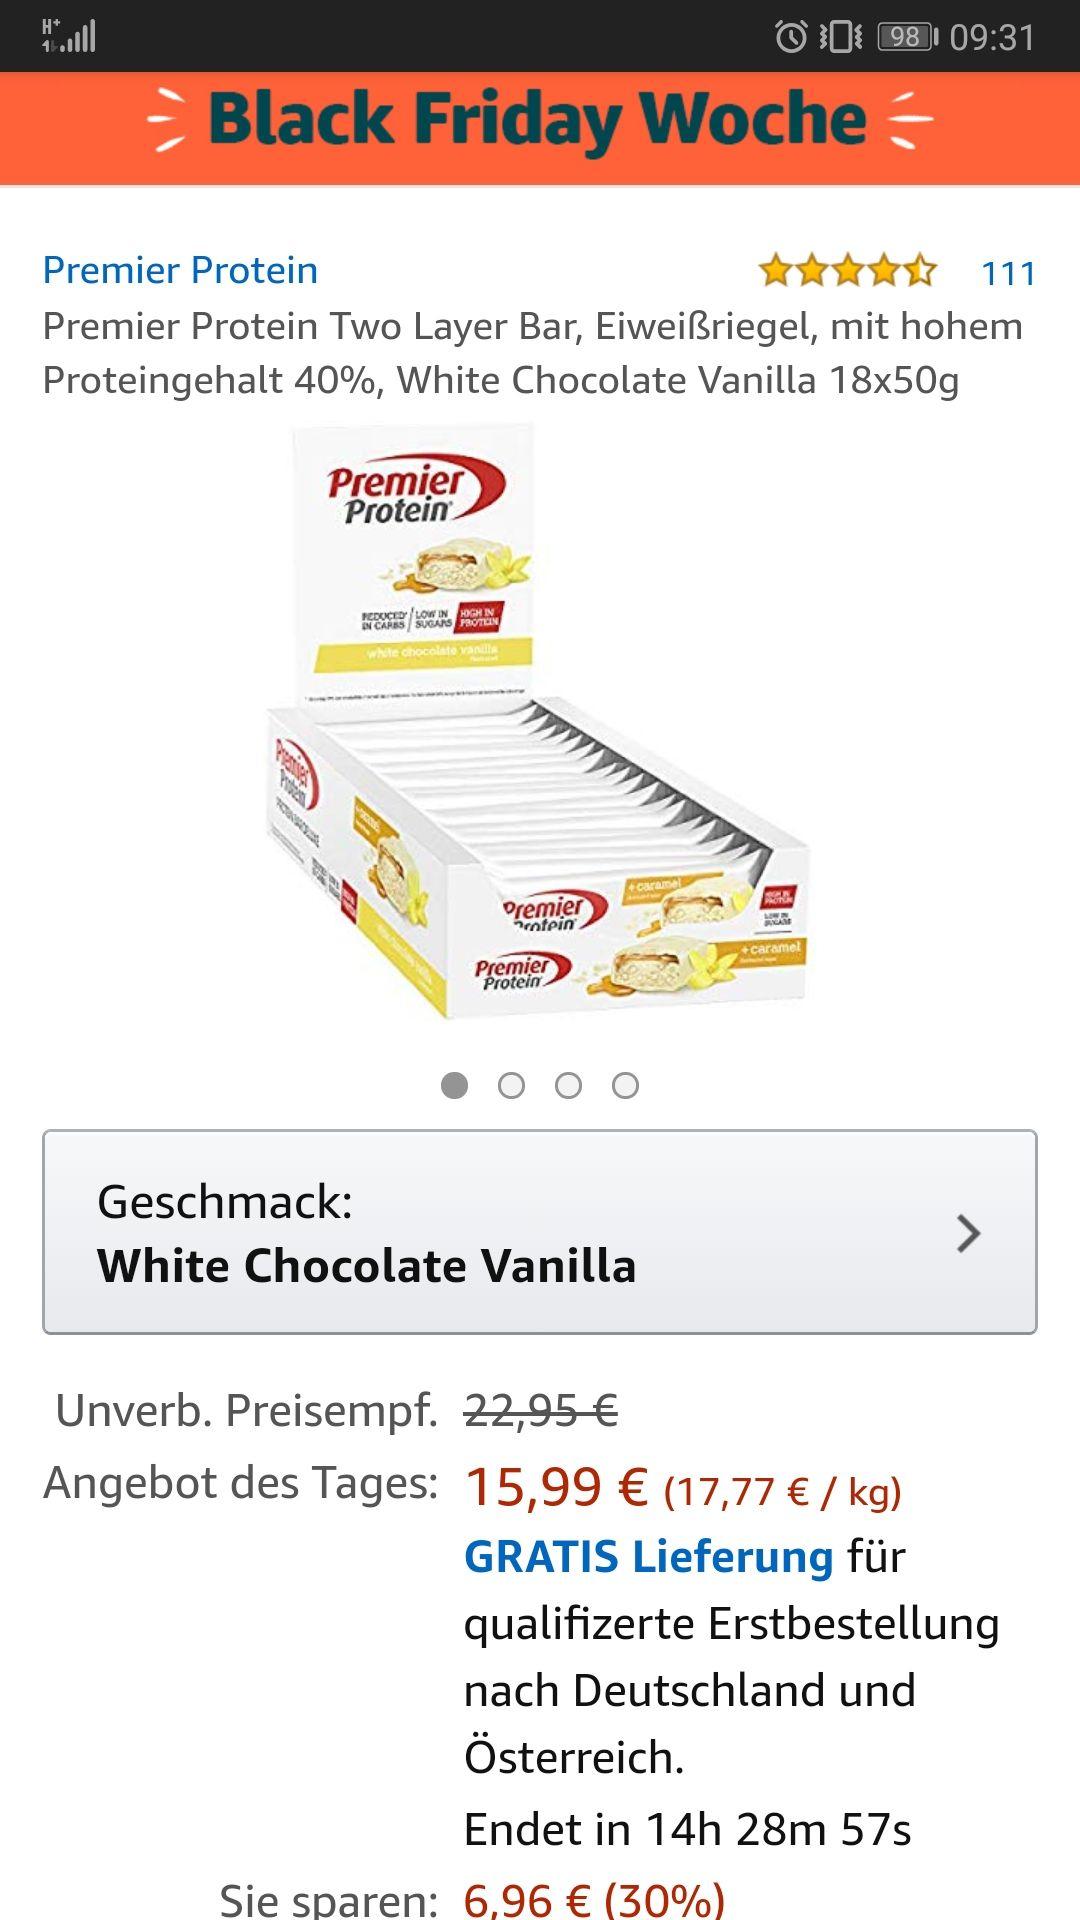 Premier Protein Two Layer Bar, Eiweißriegel, mit hohem Proteingehalt 40%, White Chocolate Vanilla 18x50g